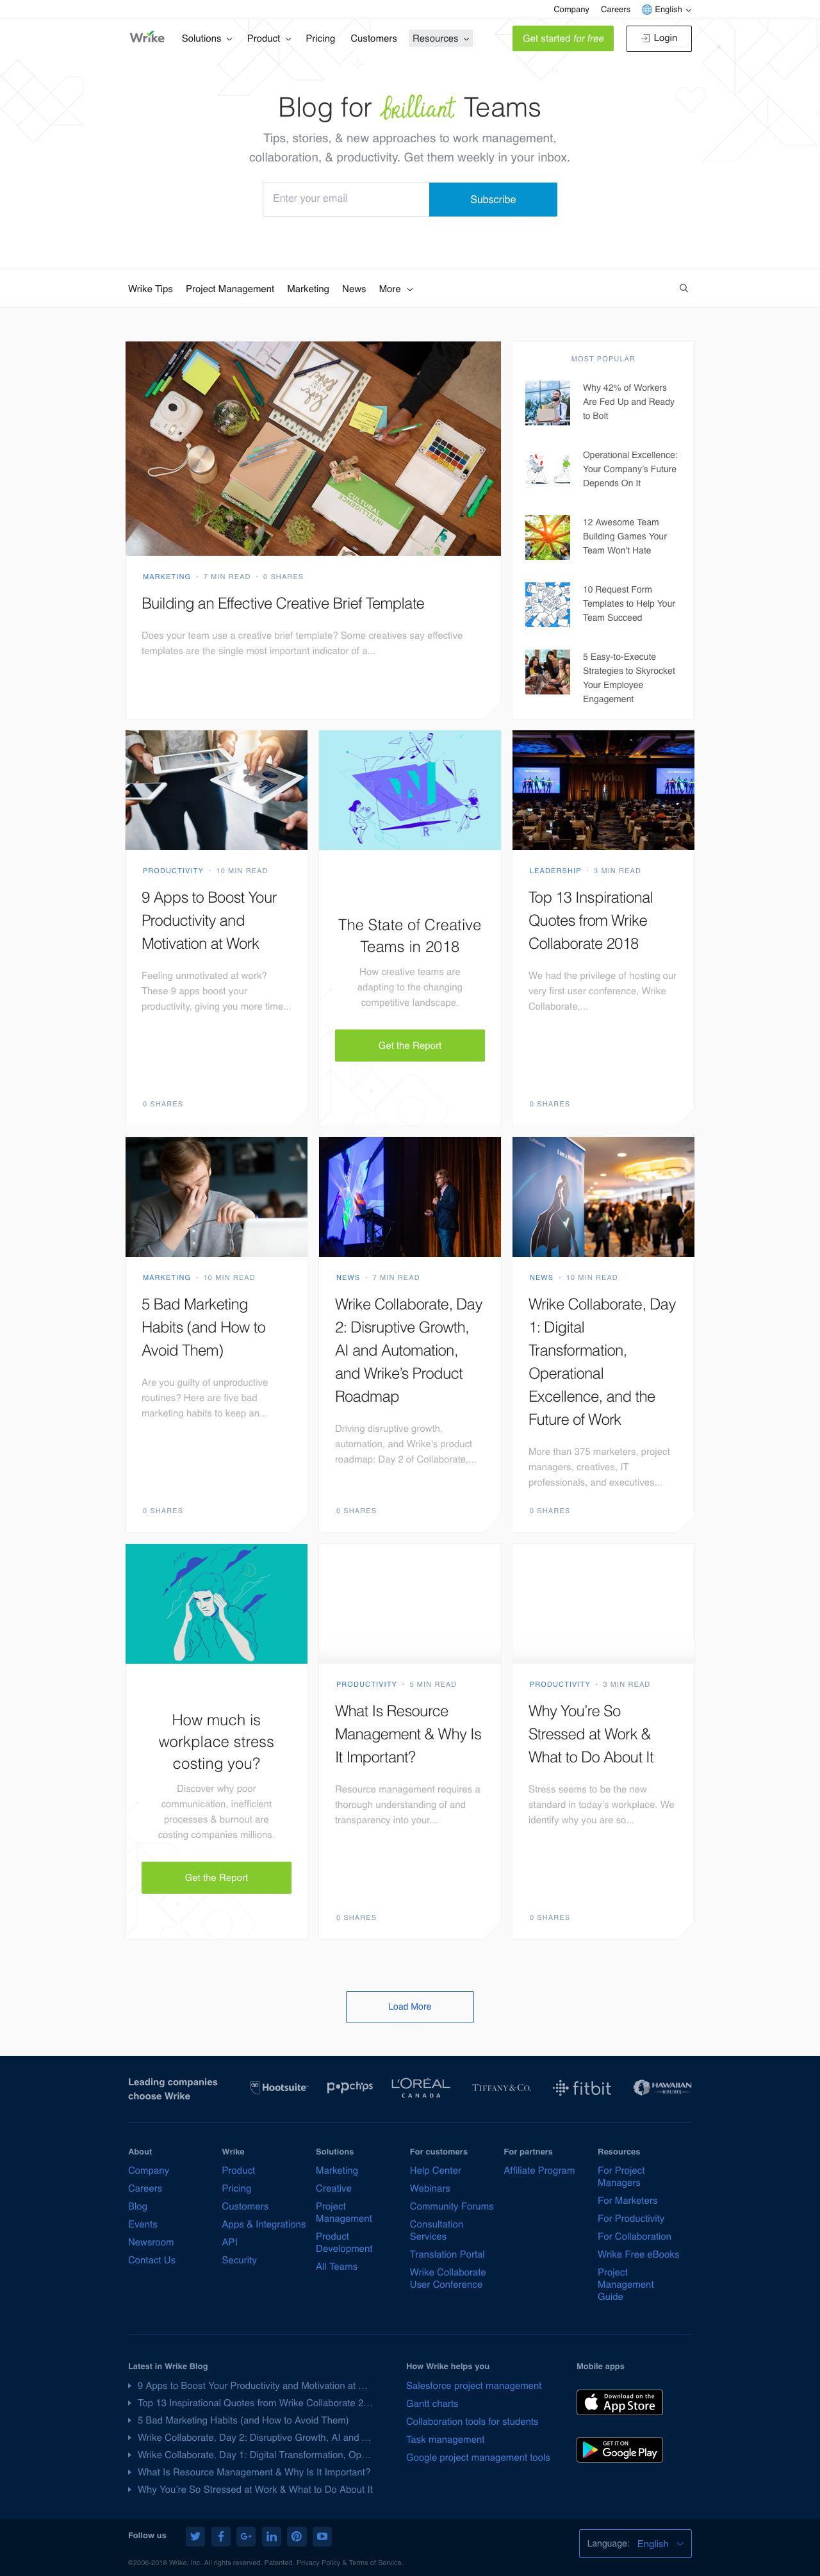 Screenshot of wrike.com - Wrike Blog - captured Oct. 15, 2018